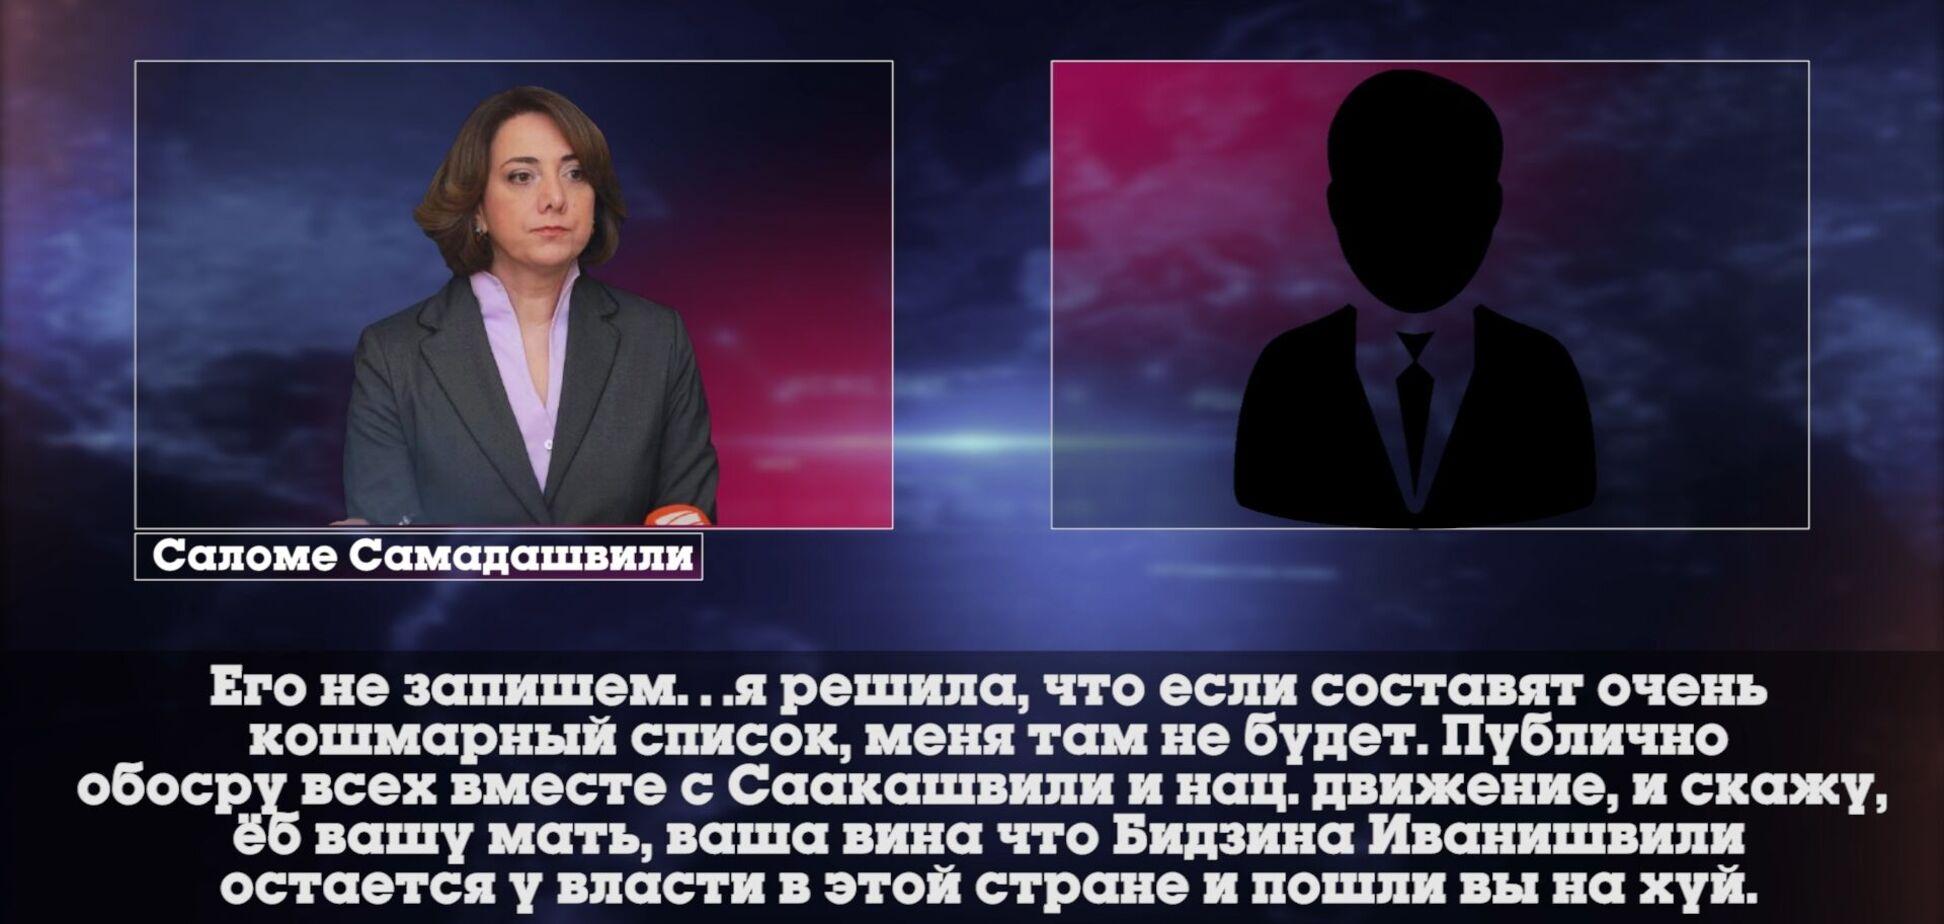 Валерій Товмач: друга аудіо запис – одна з лідерок партії Саакашвілі, колишній дипломат, діючий депутат парламенту Грузії Саломе Самадашвілі